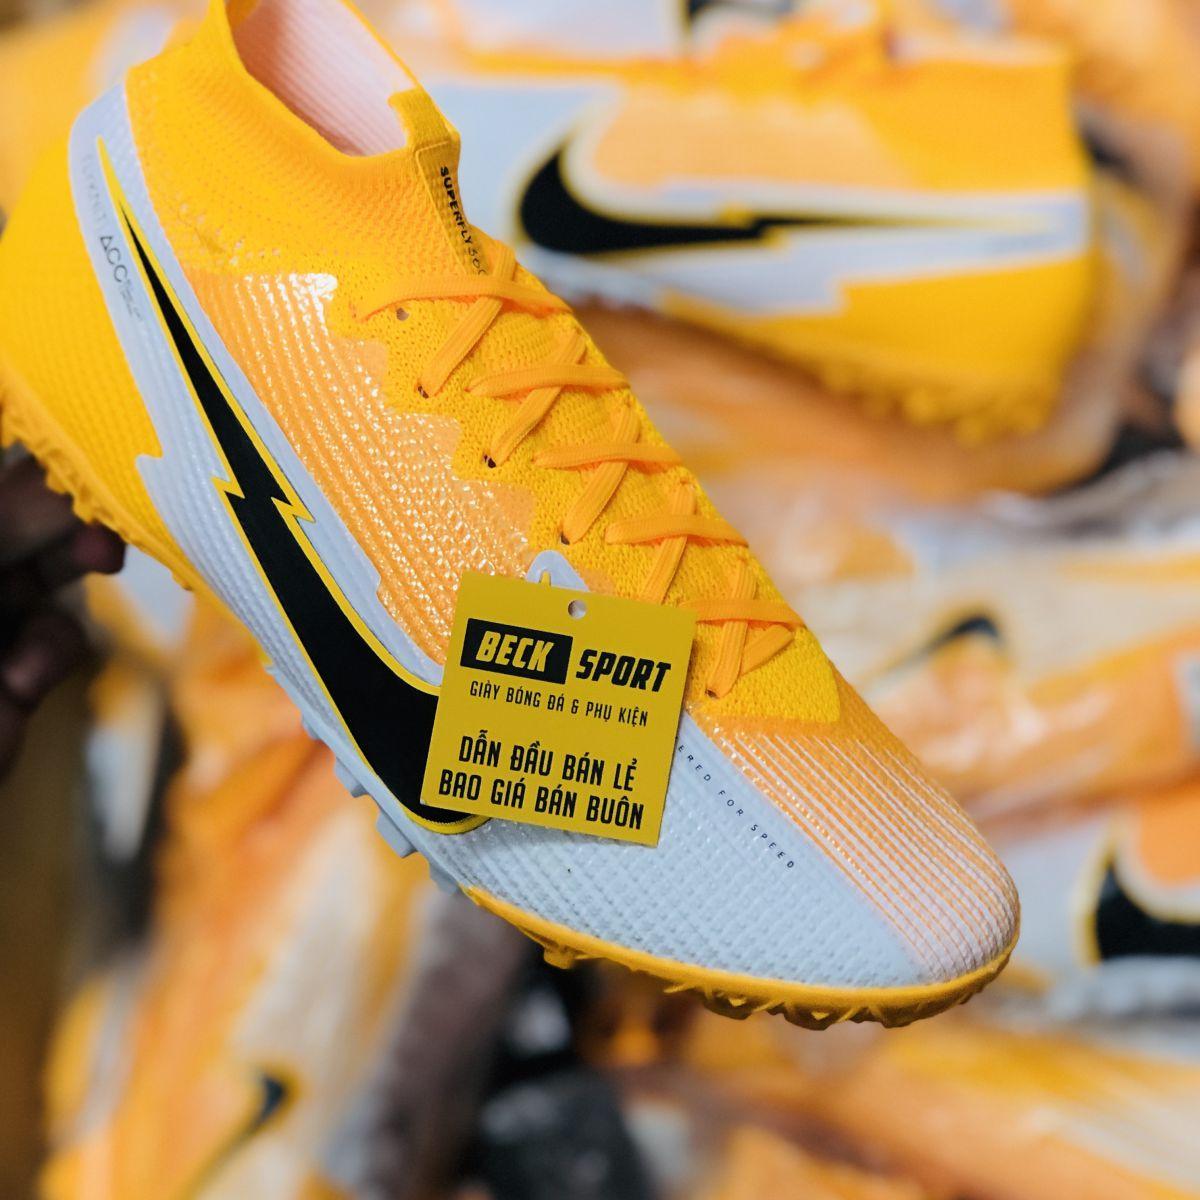 Giày Bóng Đá TQ Nike Mercurial Superfly 7 Elite Vàng Trắng Vạch Đen Cổ Cao TF